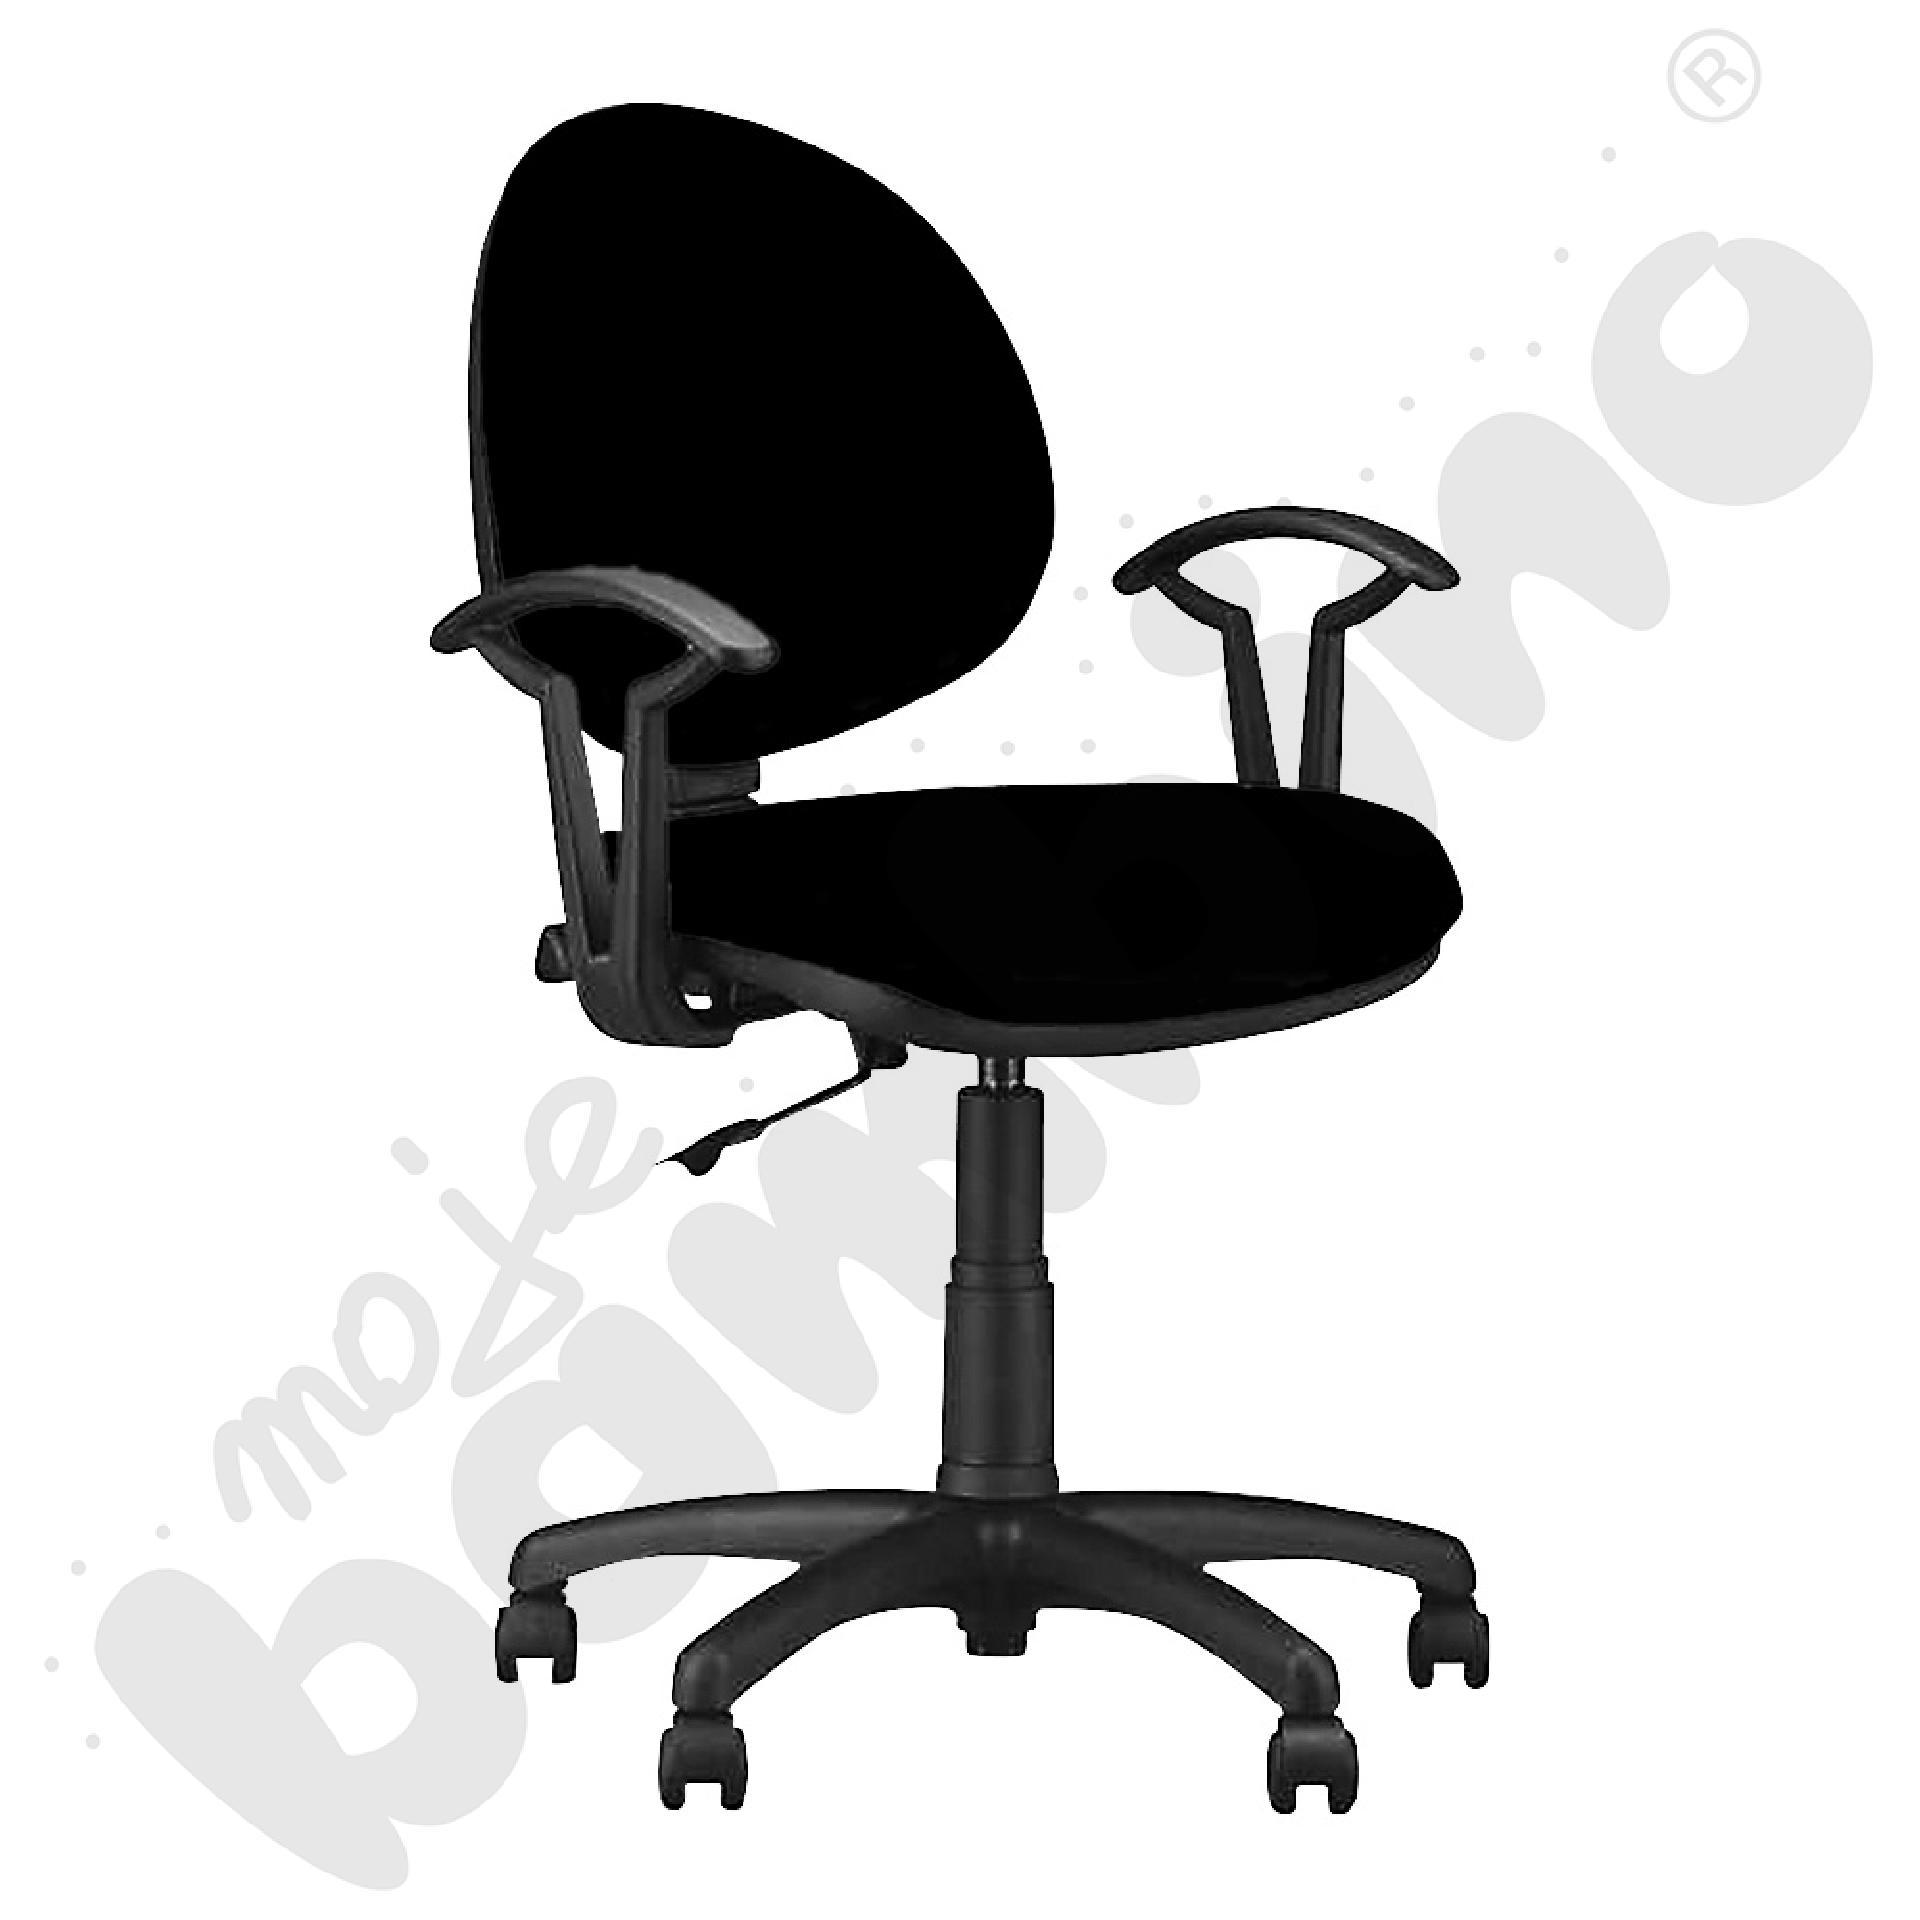 Krzesło obrotowe mikro...